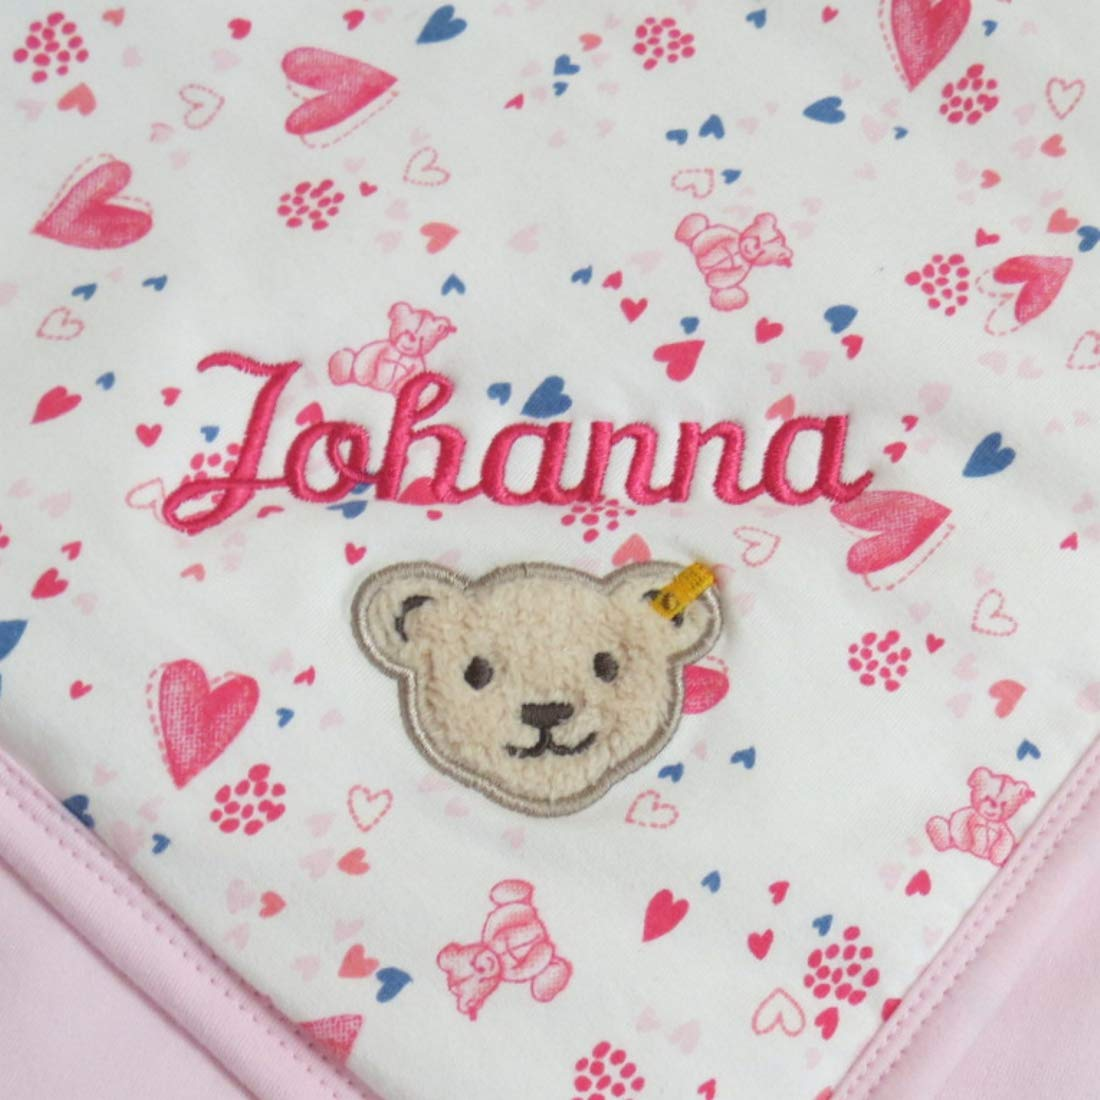 Steiff Babydecke mit Ihrem Wunsch-Namen bestickt Herzchen und B/ärchen creme 90 cm x 60 cm personalisierte Jersey-Decke als Namensdecke Herzchendecke